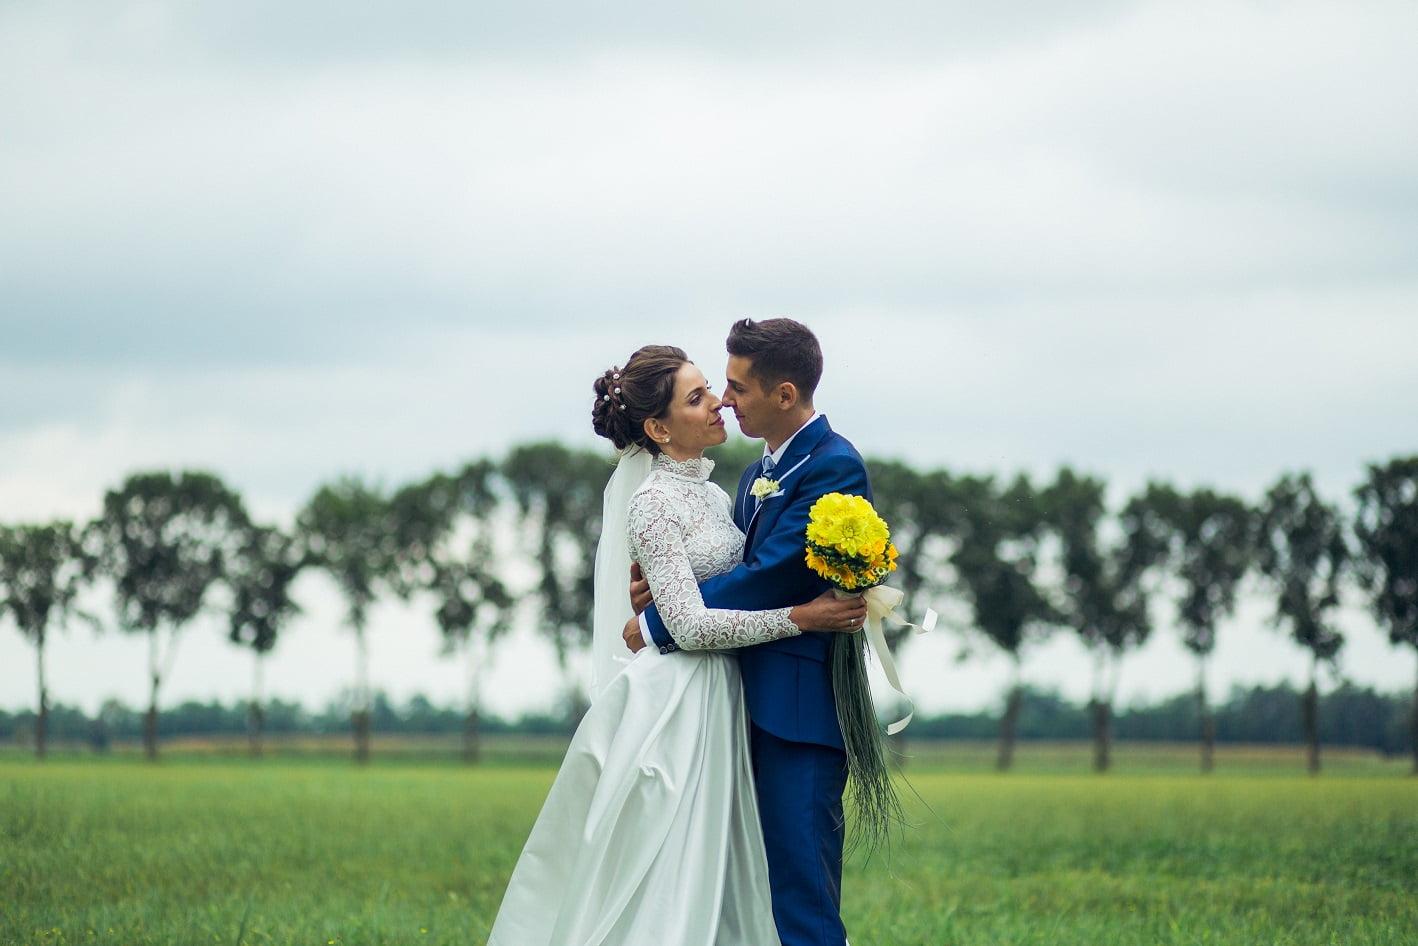 matrimonio 2021 stile green